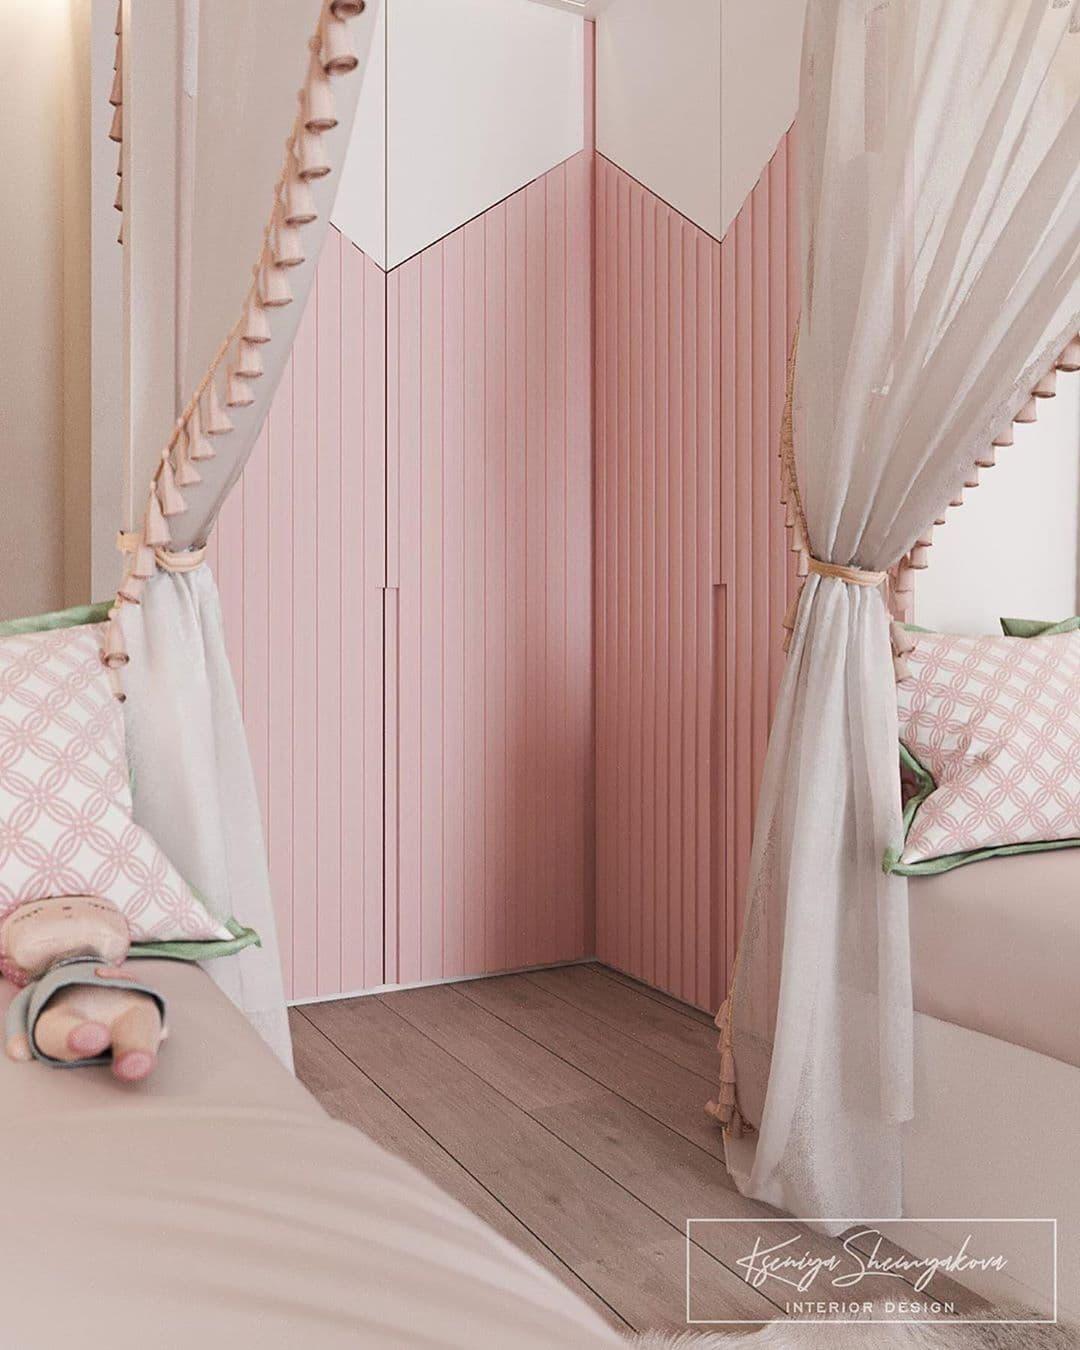 Дизайнерский интерьер детской комнаты для двух девочек 8